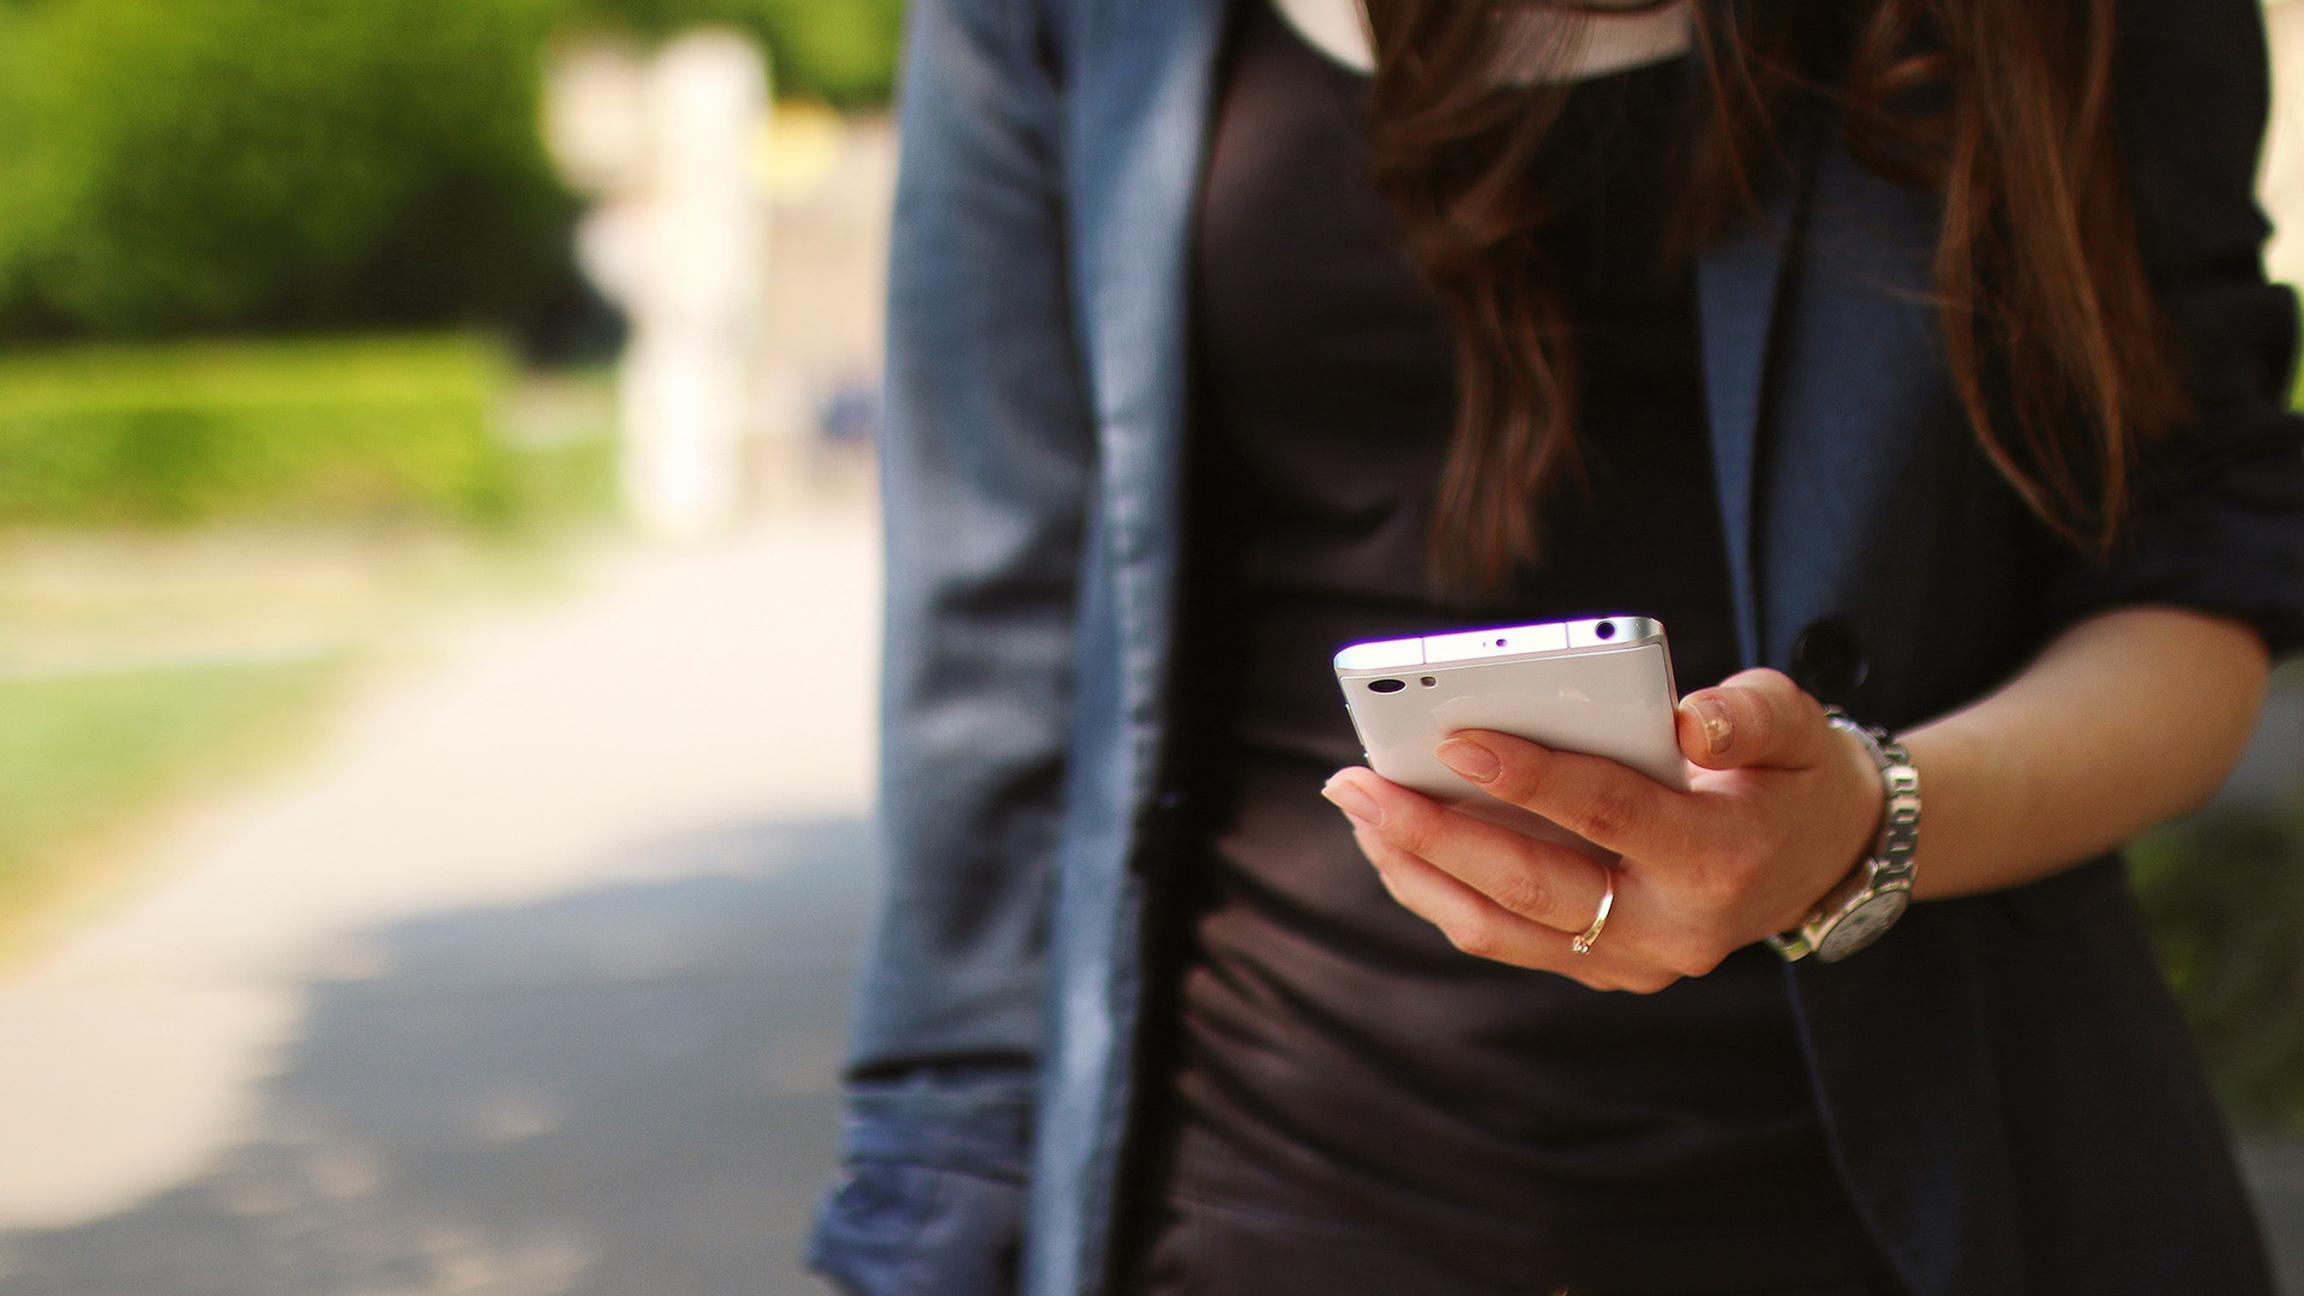 Игры на смартфоне оказались вредны для тех, кто ищет избавления от скуки